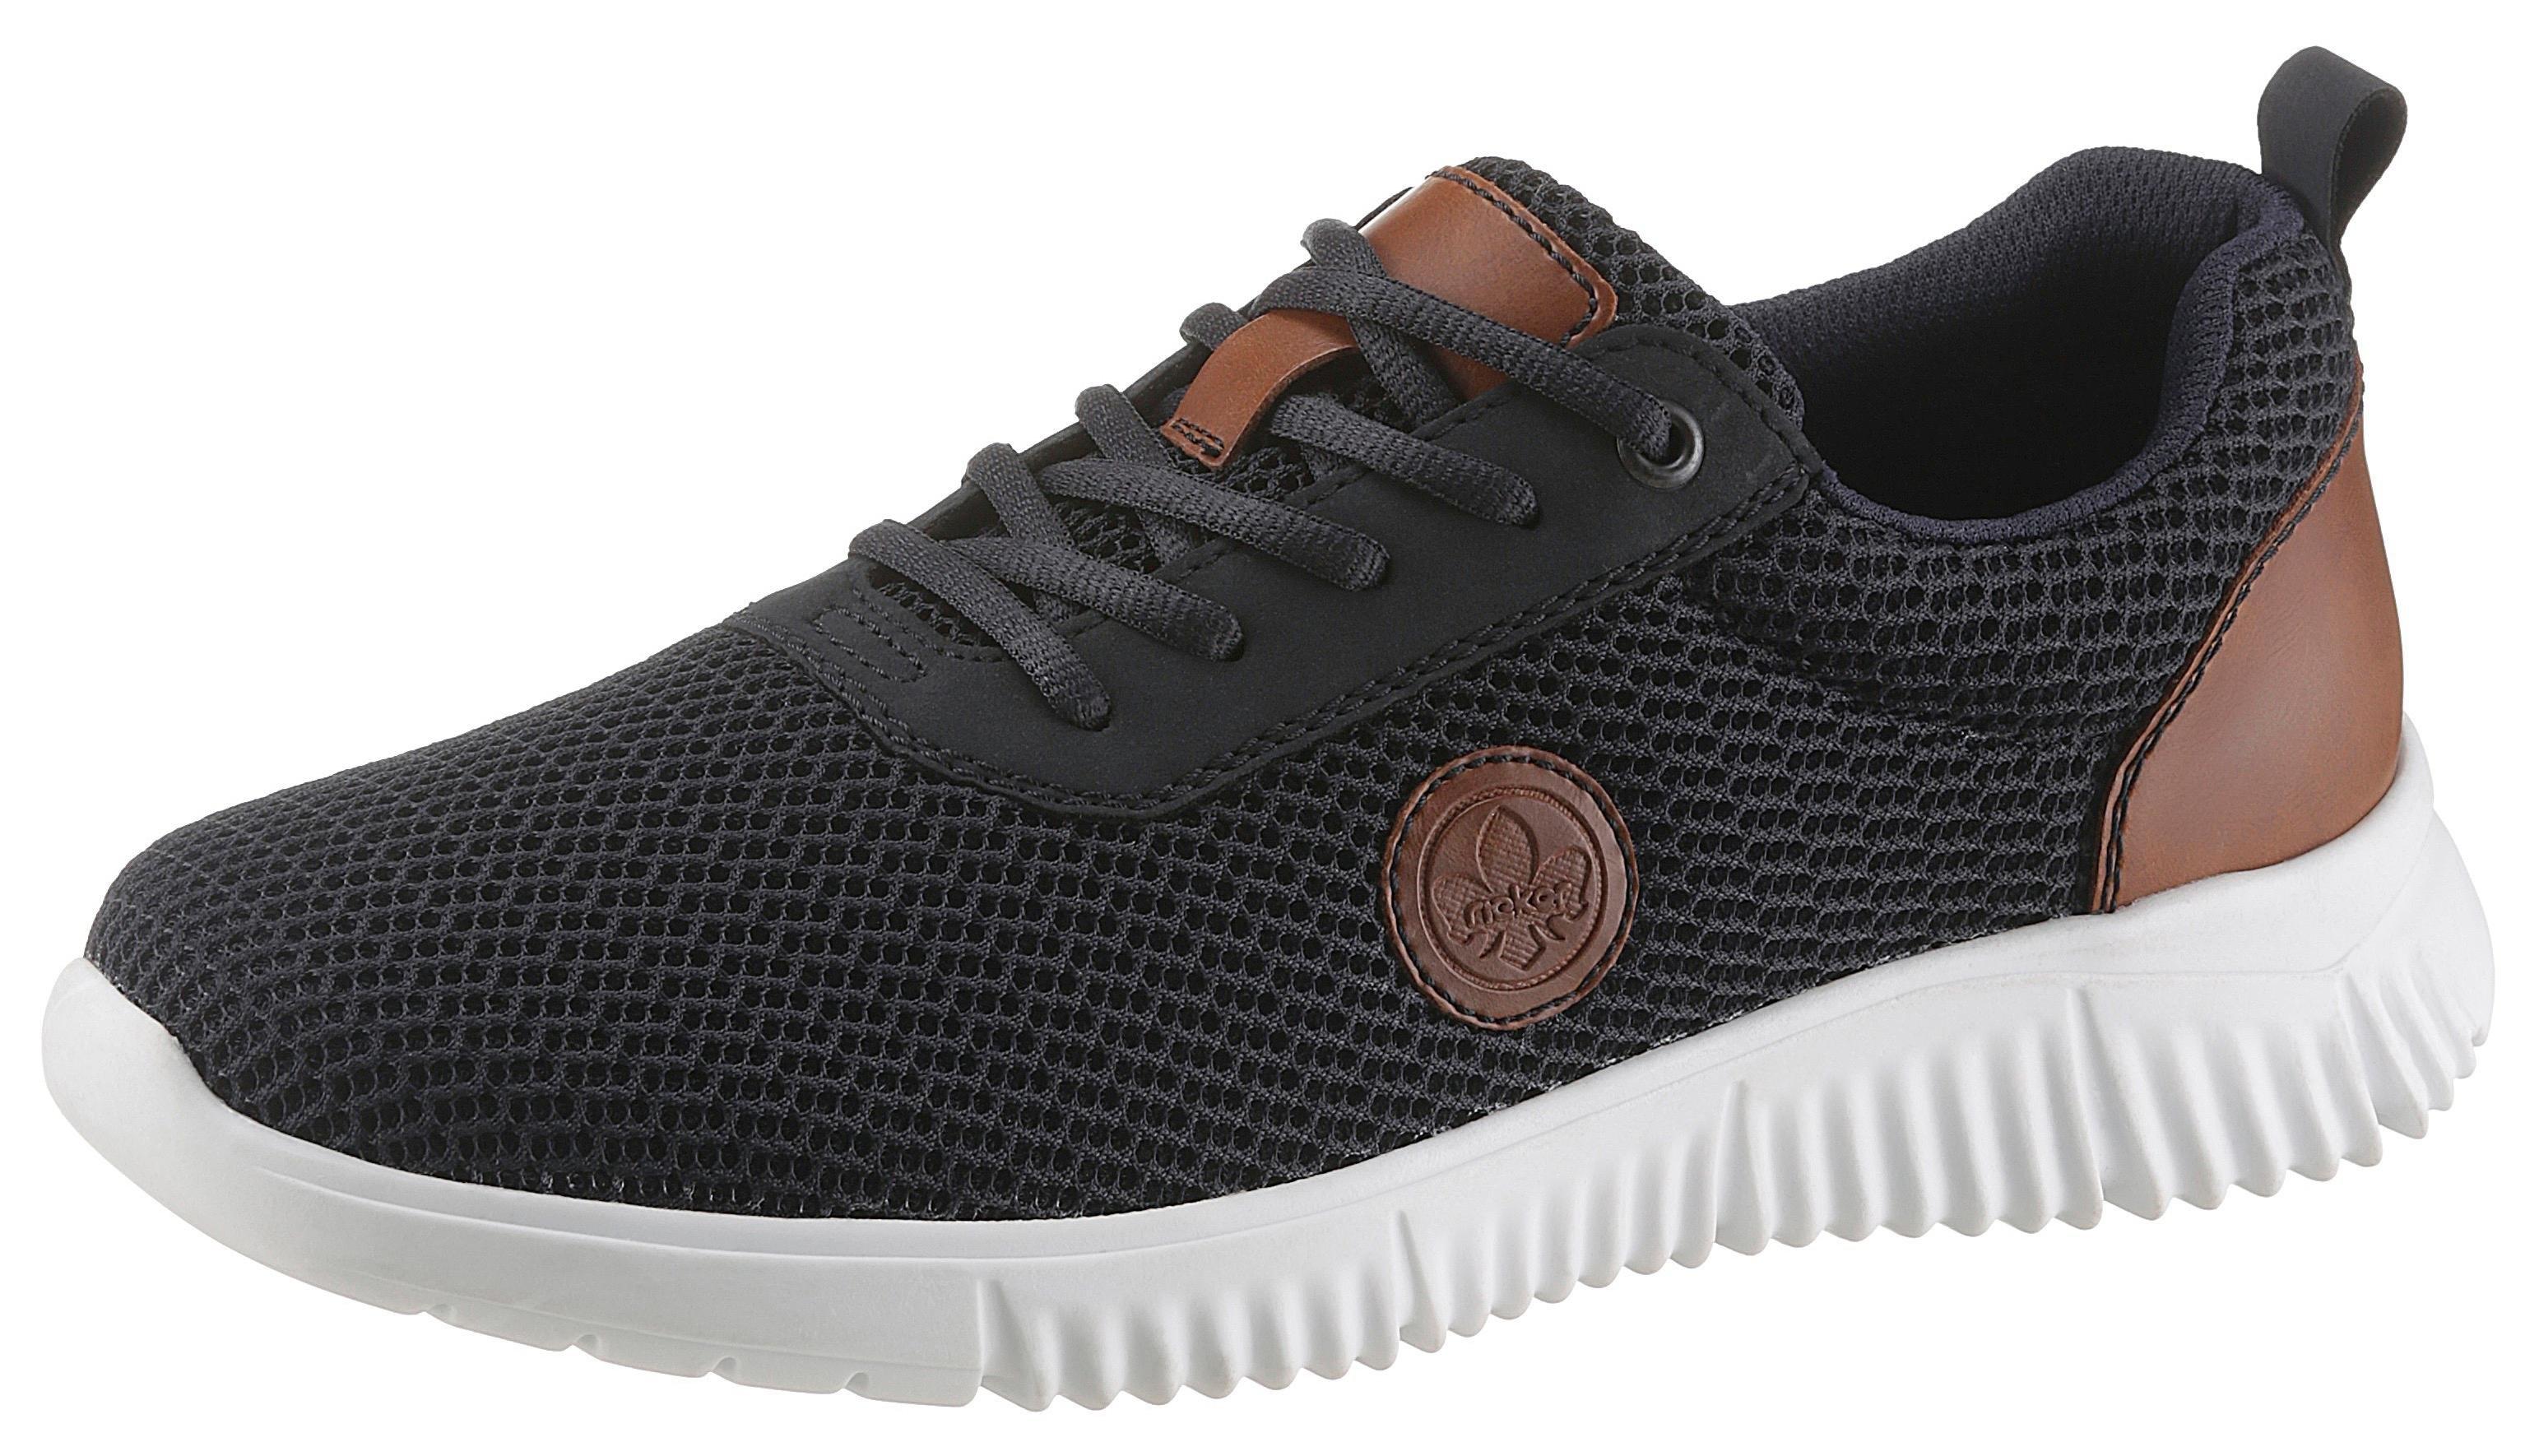 Rieker sneakers - gratis ruilen op otto.nl